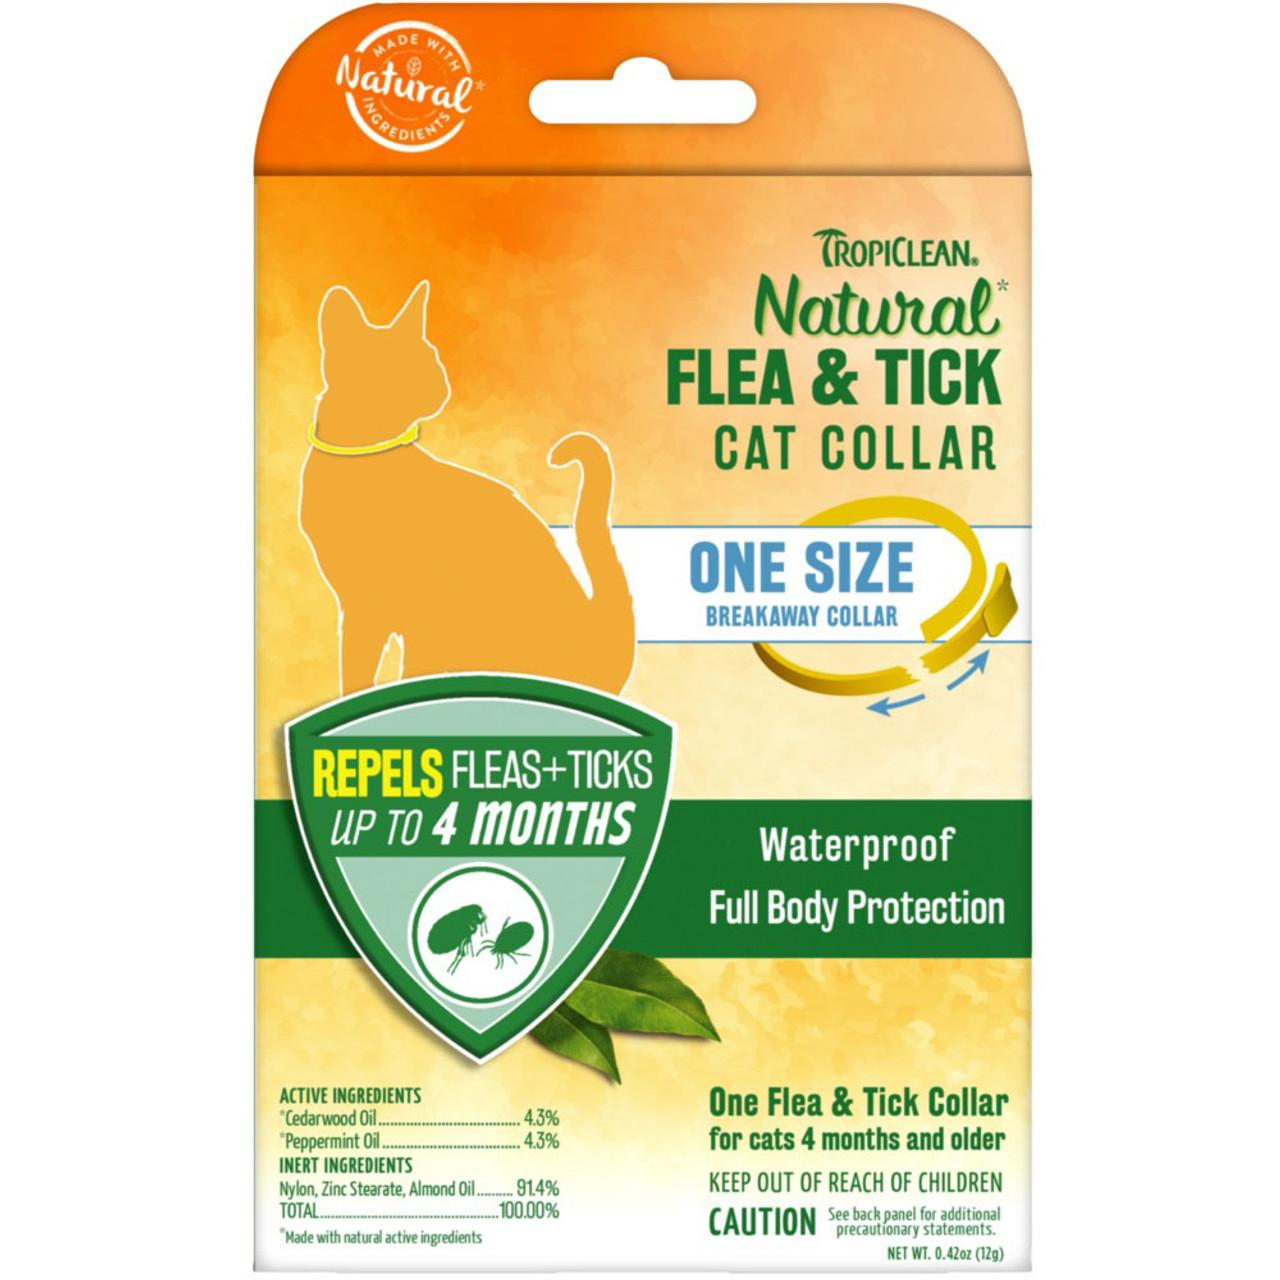 TropiClean Natural Flea & Tick Cat Collar - Front